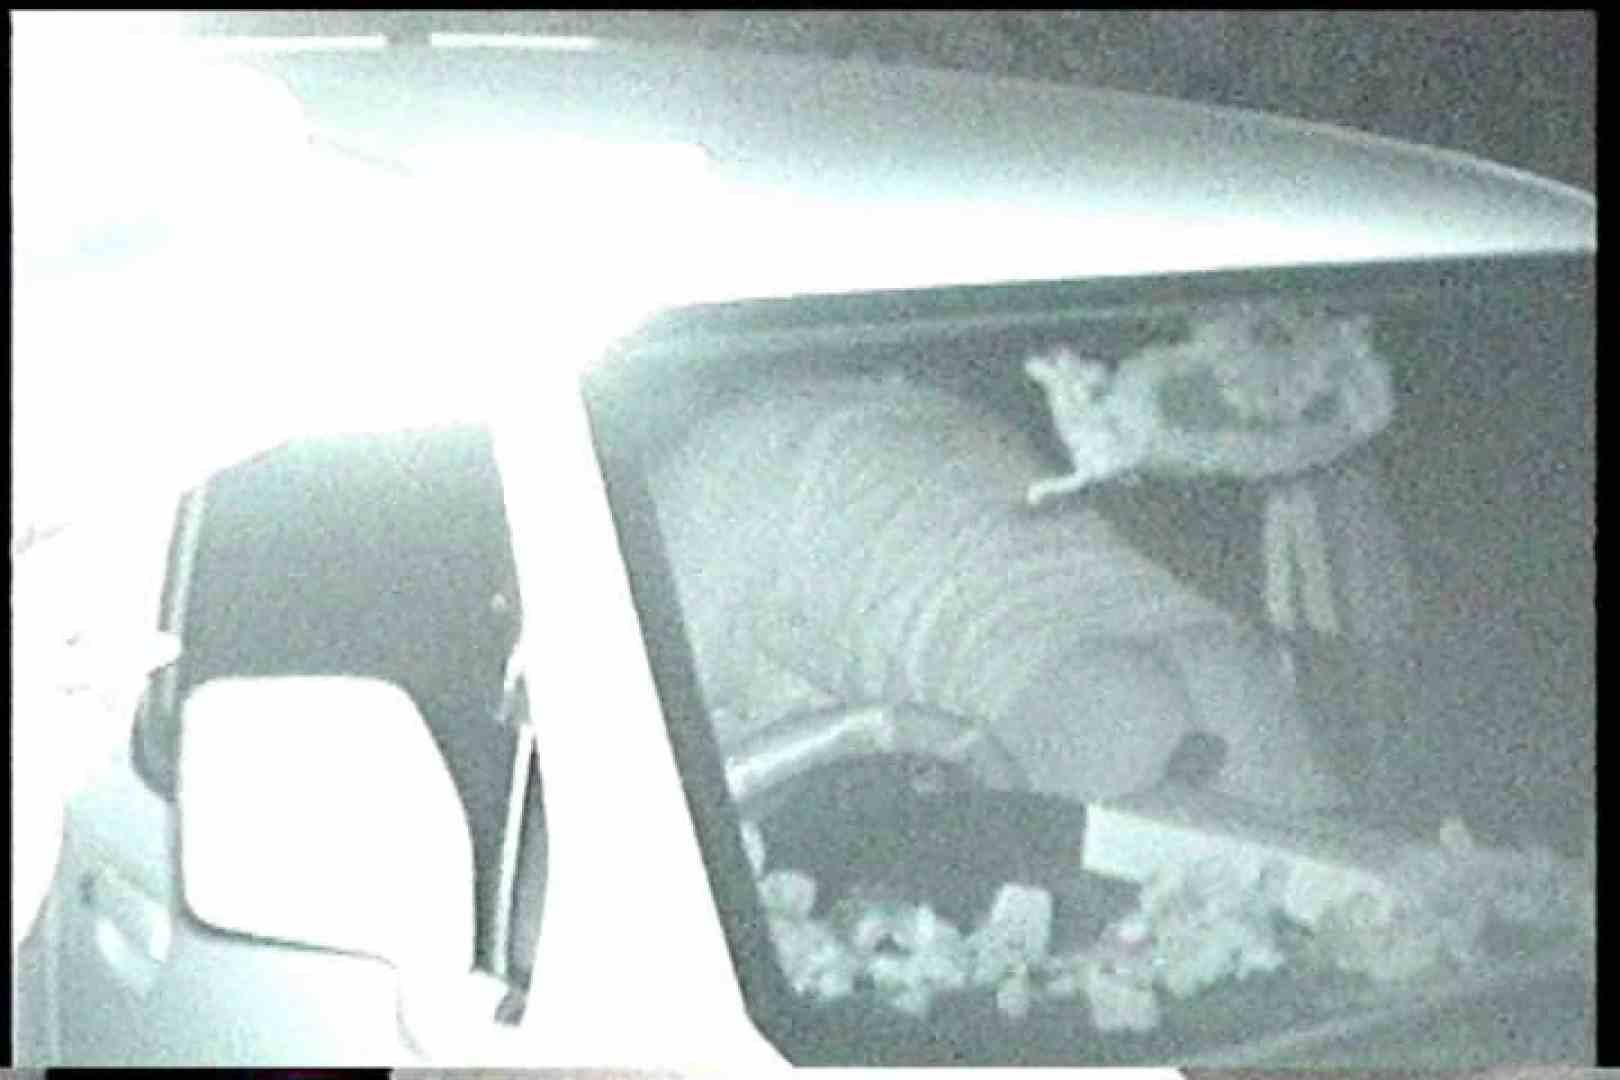 充血監督の深夜の運動会Vol.226 車中はめどり 濡れ場動画紹介 80画像 55